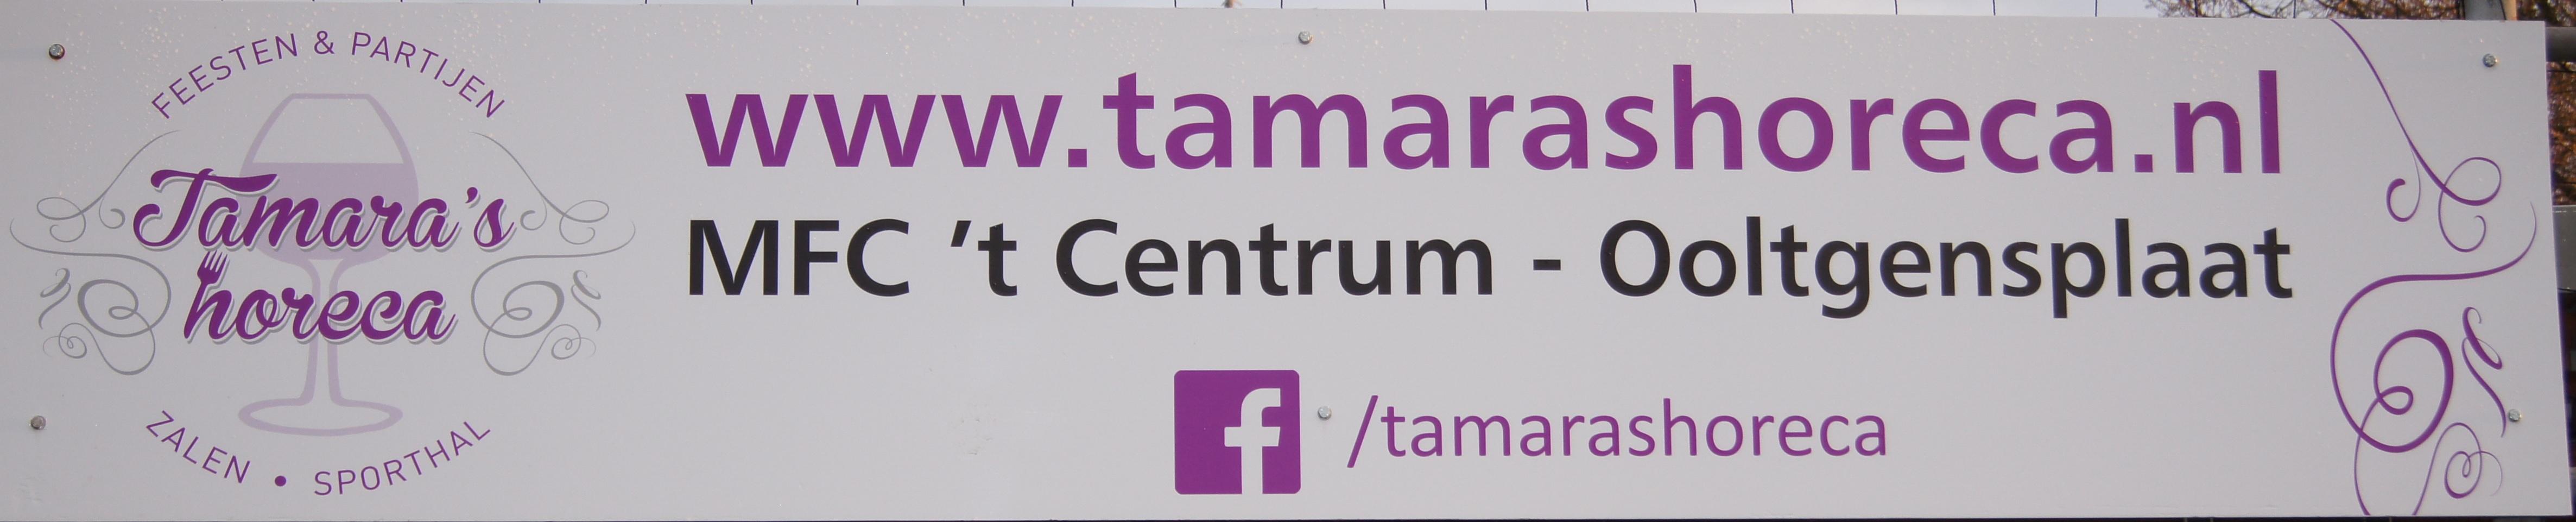 tamara-horeca